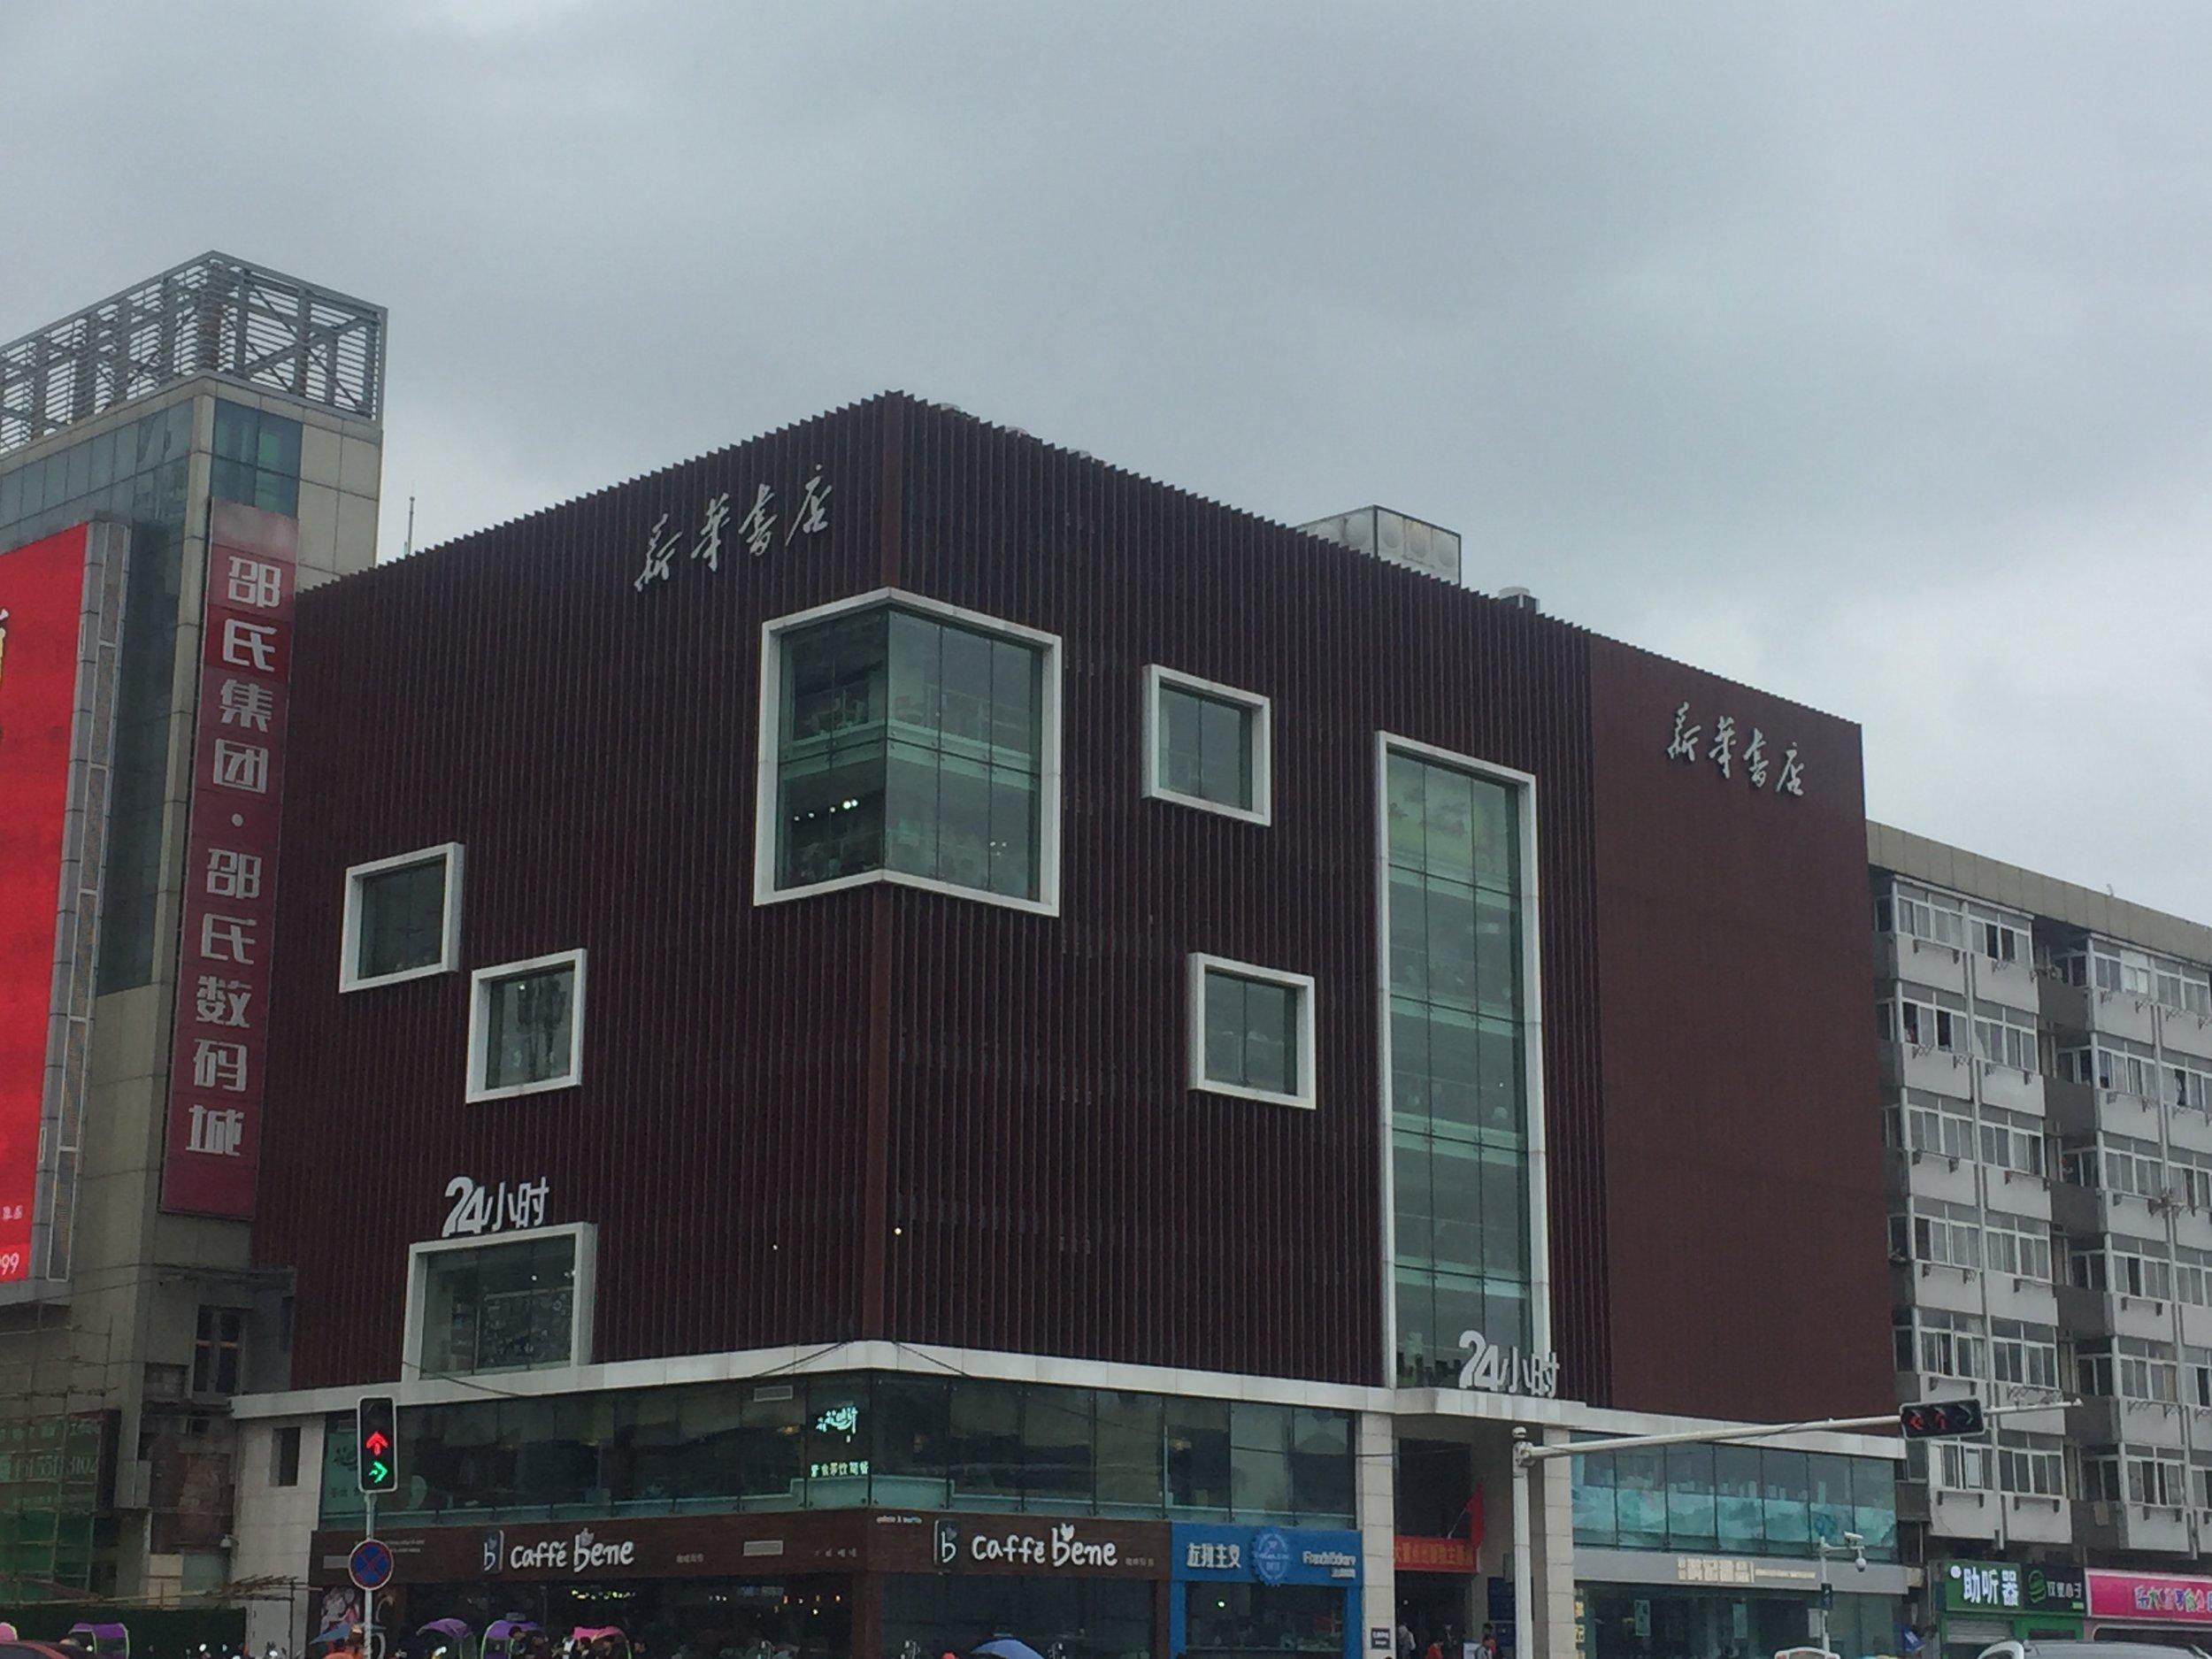 (坐落在安徽省合肥市三孝口的新华书店)